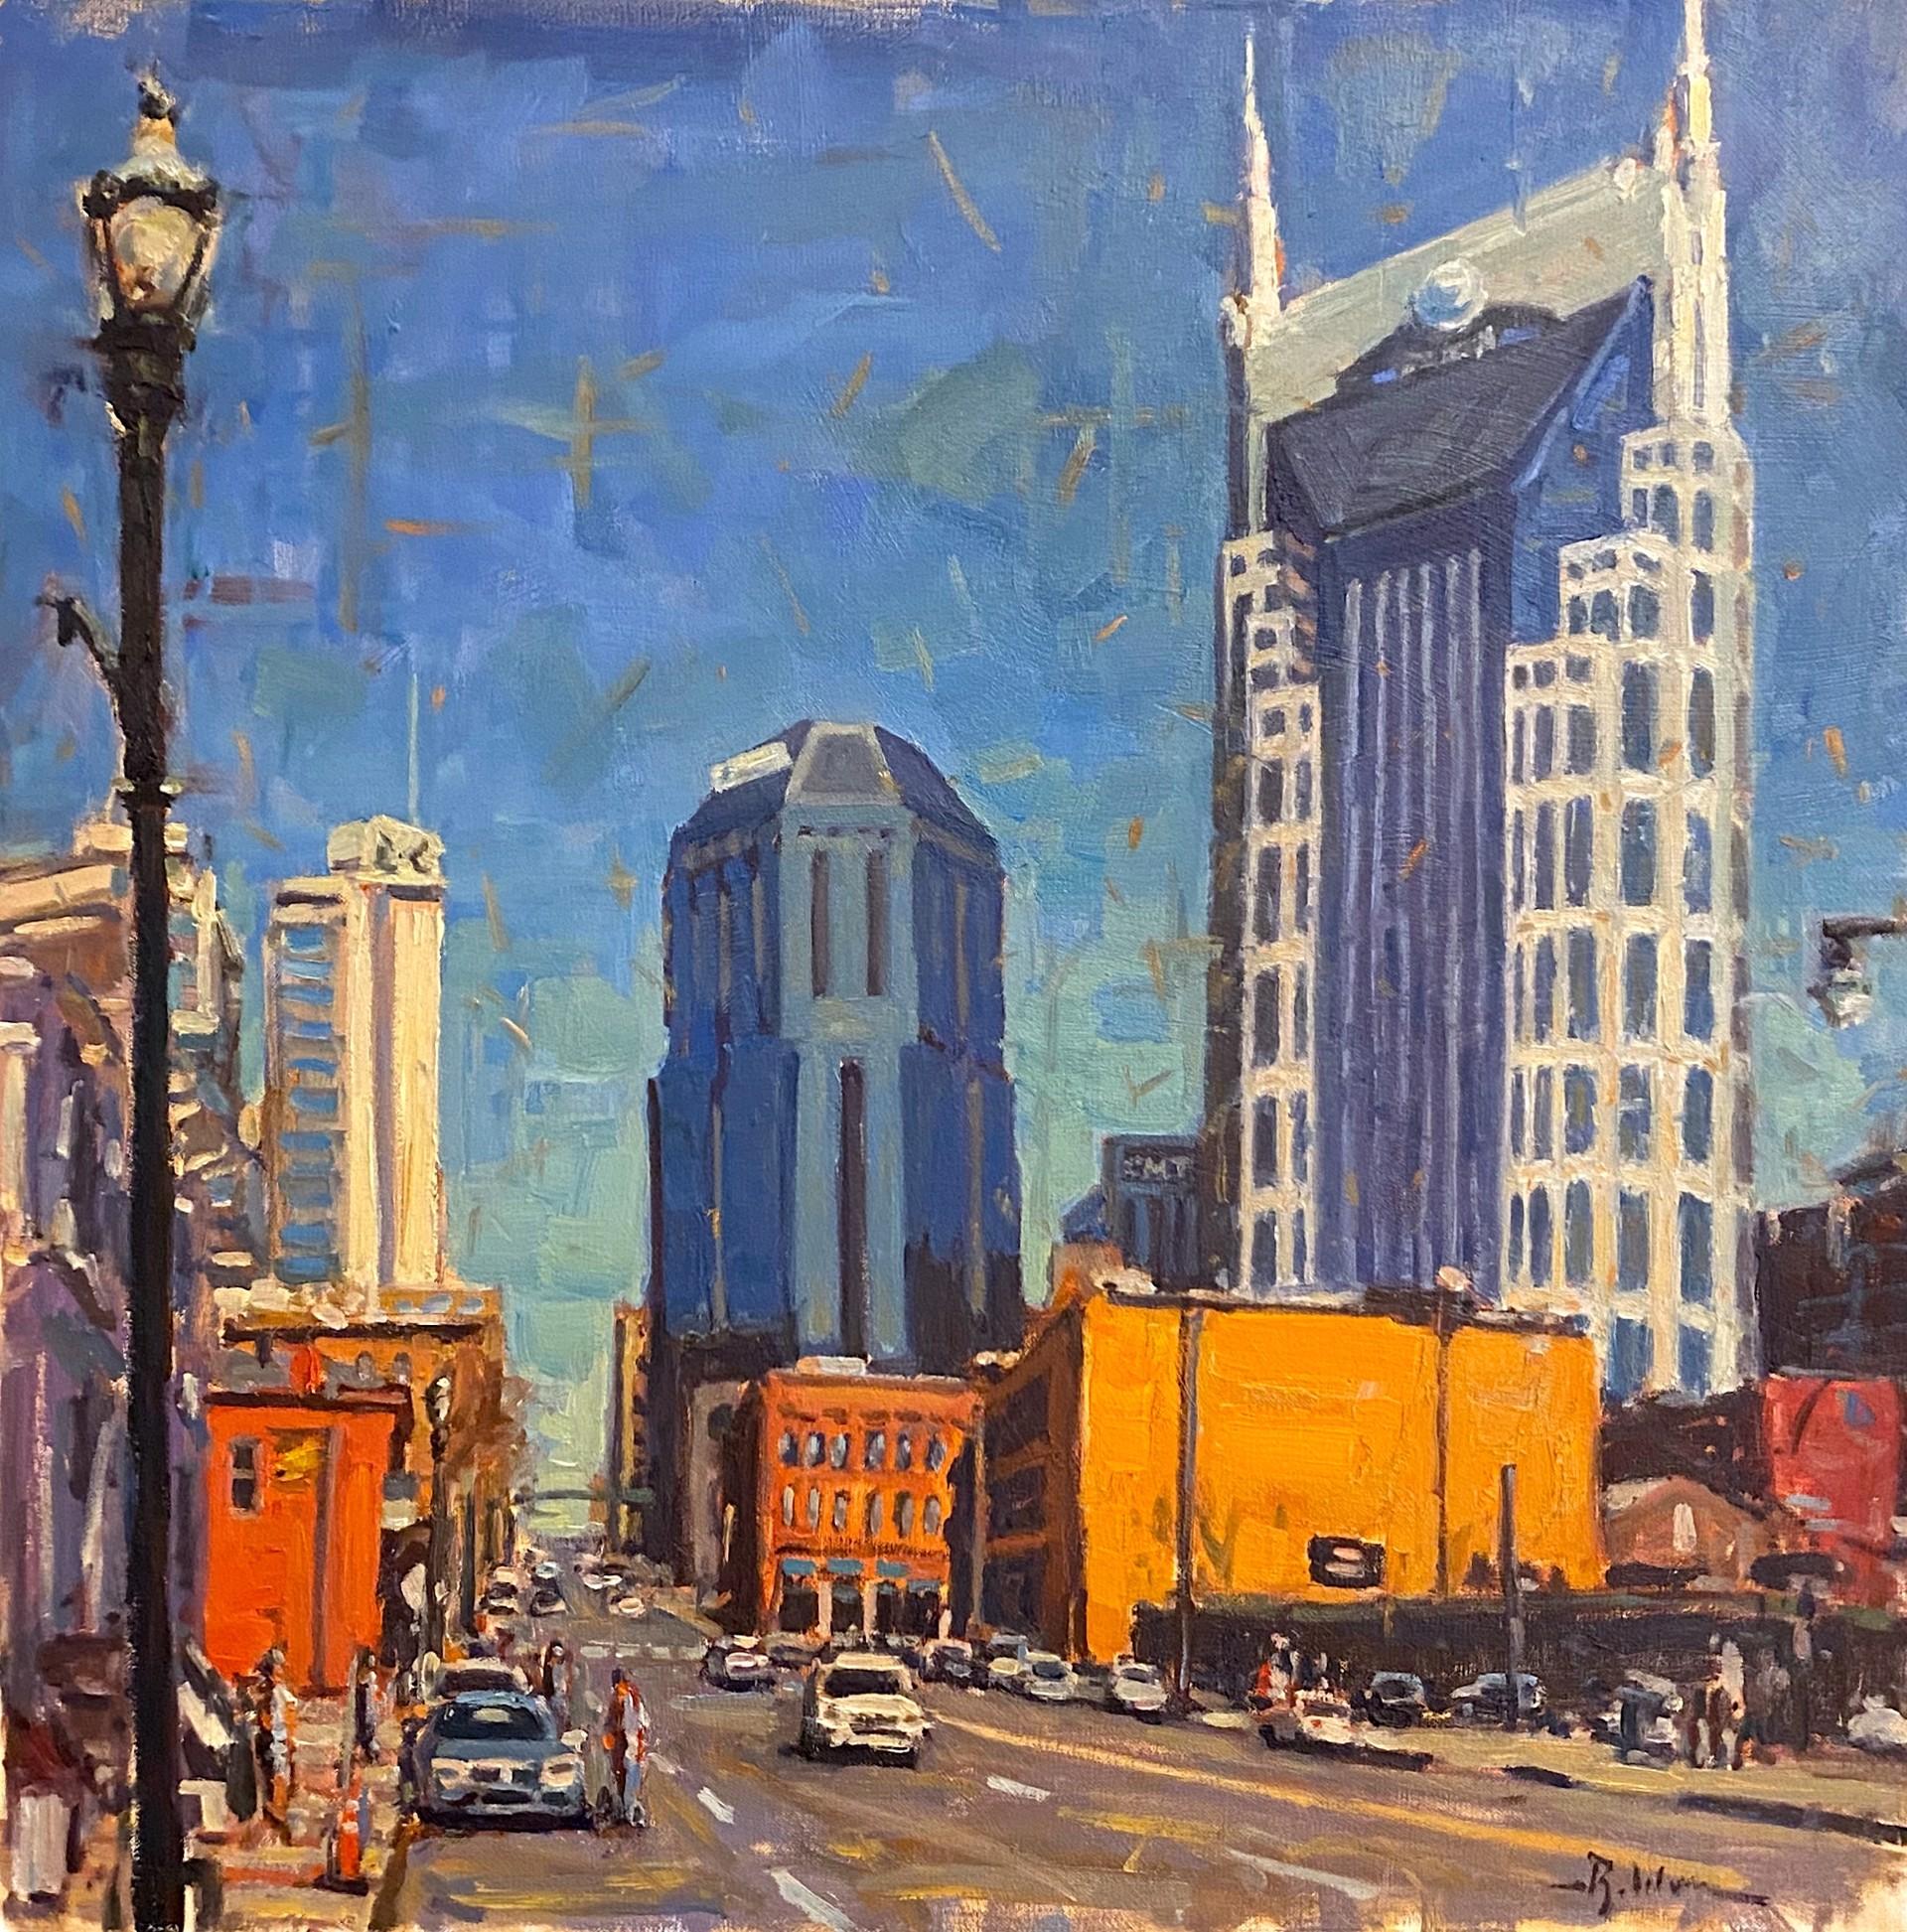 4th Avenue by Brett Weaver